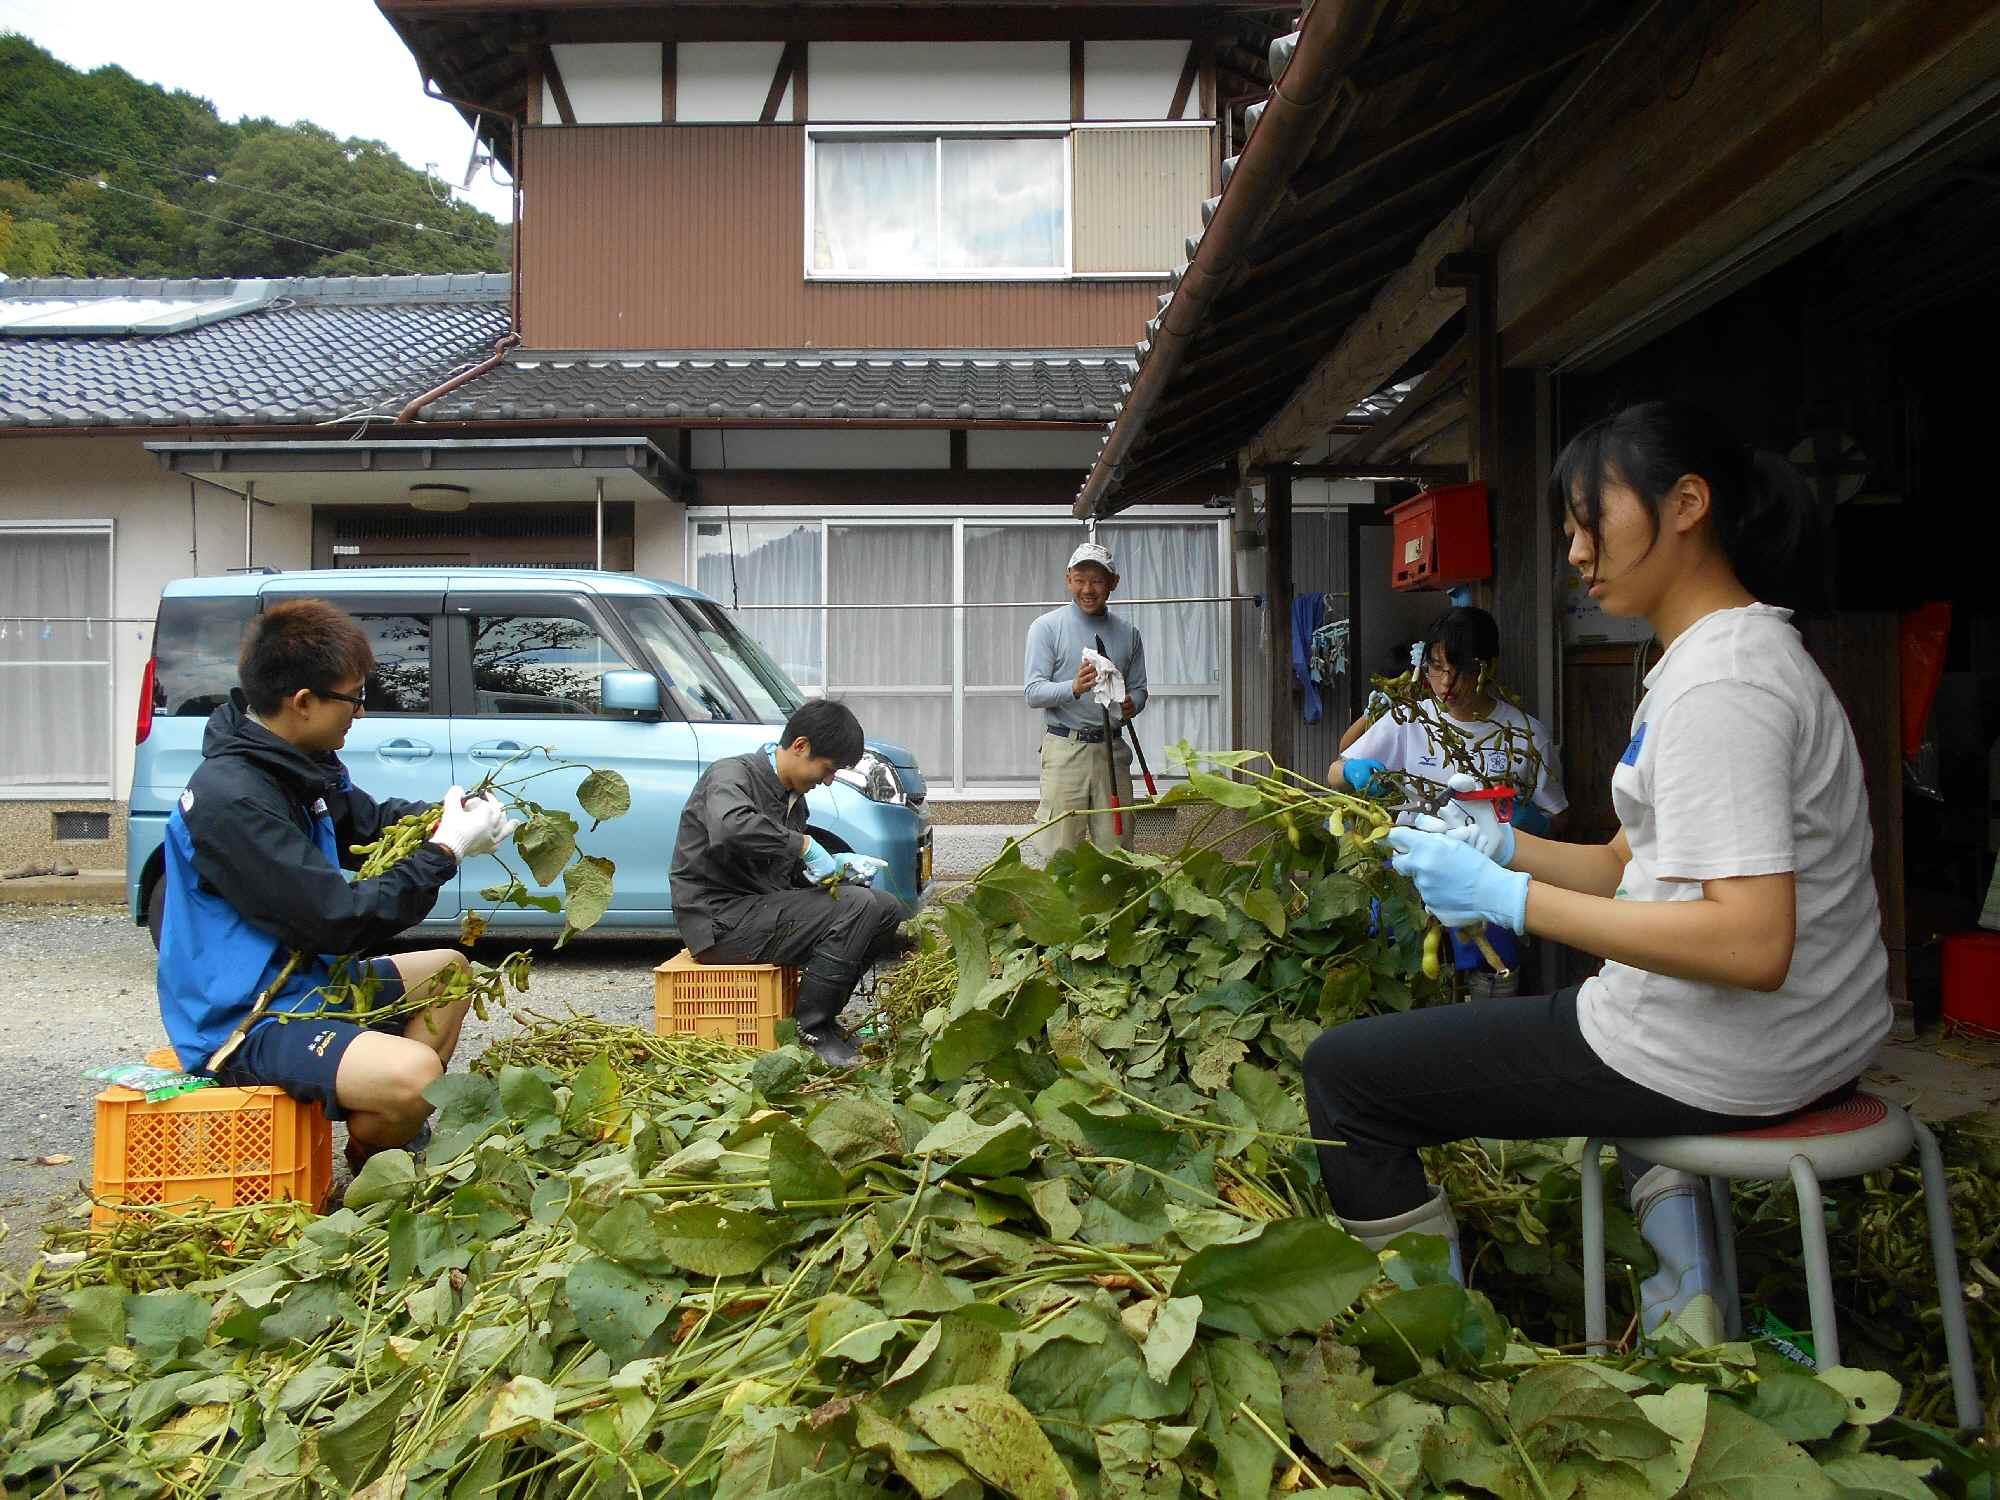 納屋の前で、家の人に教わりながら葉取りです